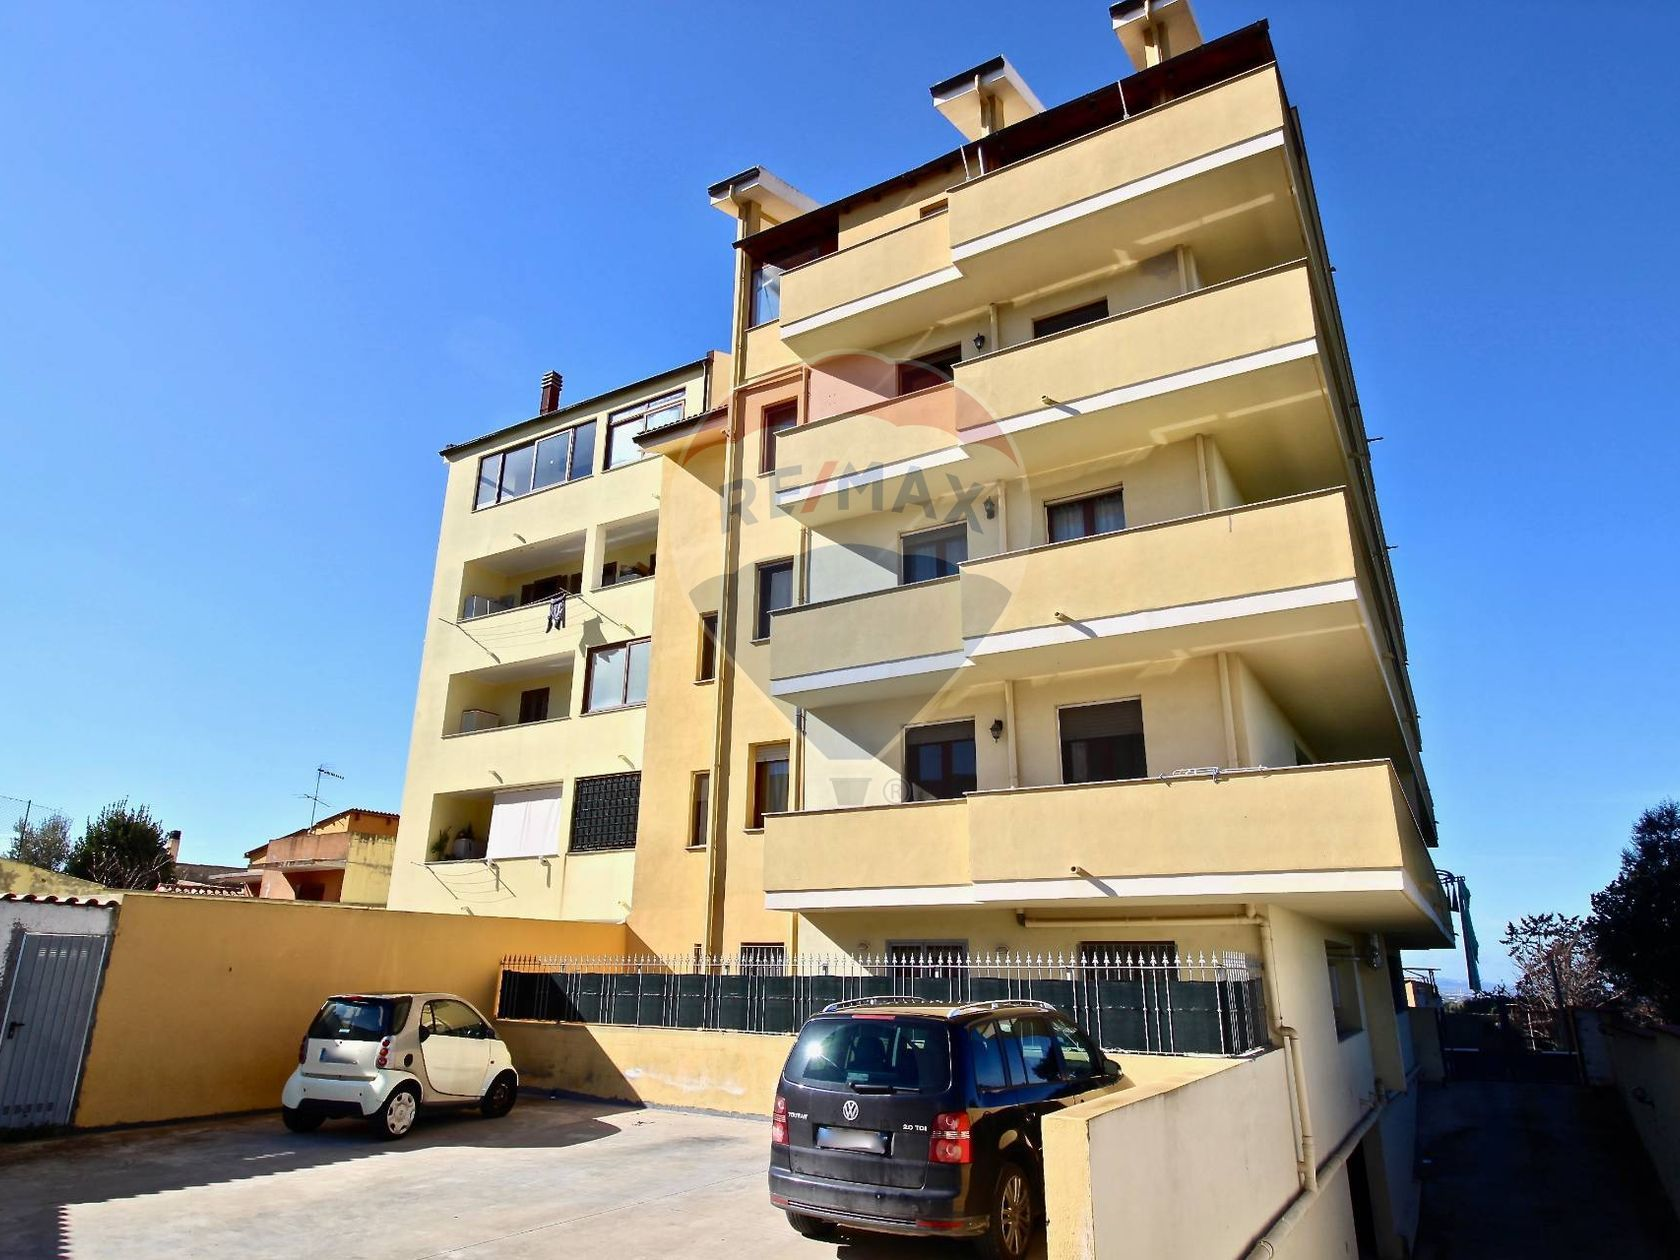 Appartamento Ss-sassari 2, Sassari, SS Vendita - Foto 17